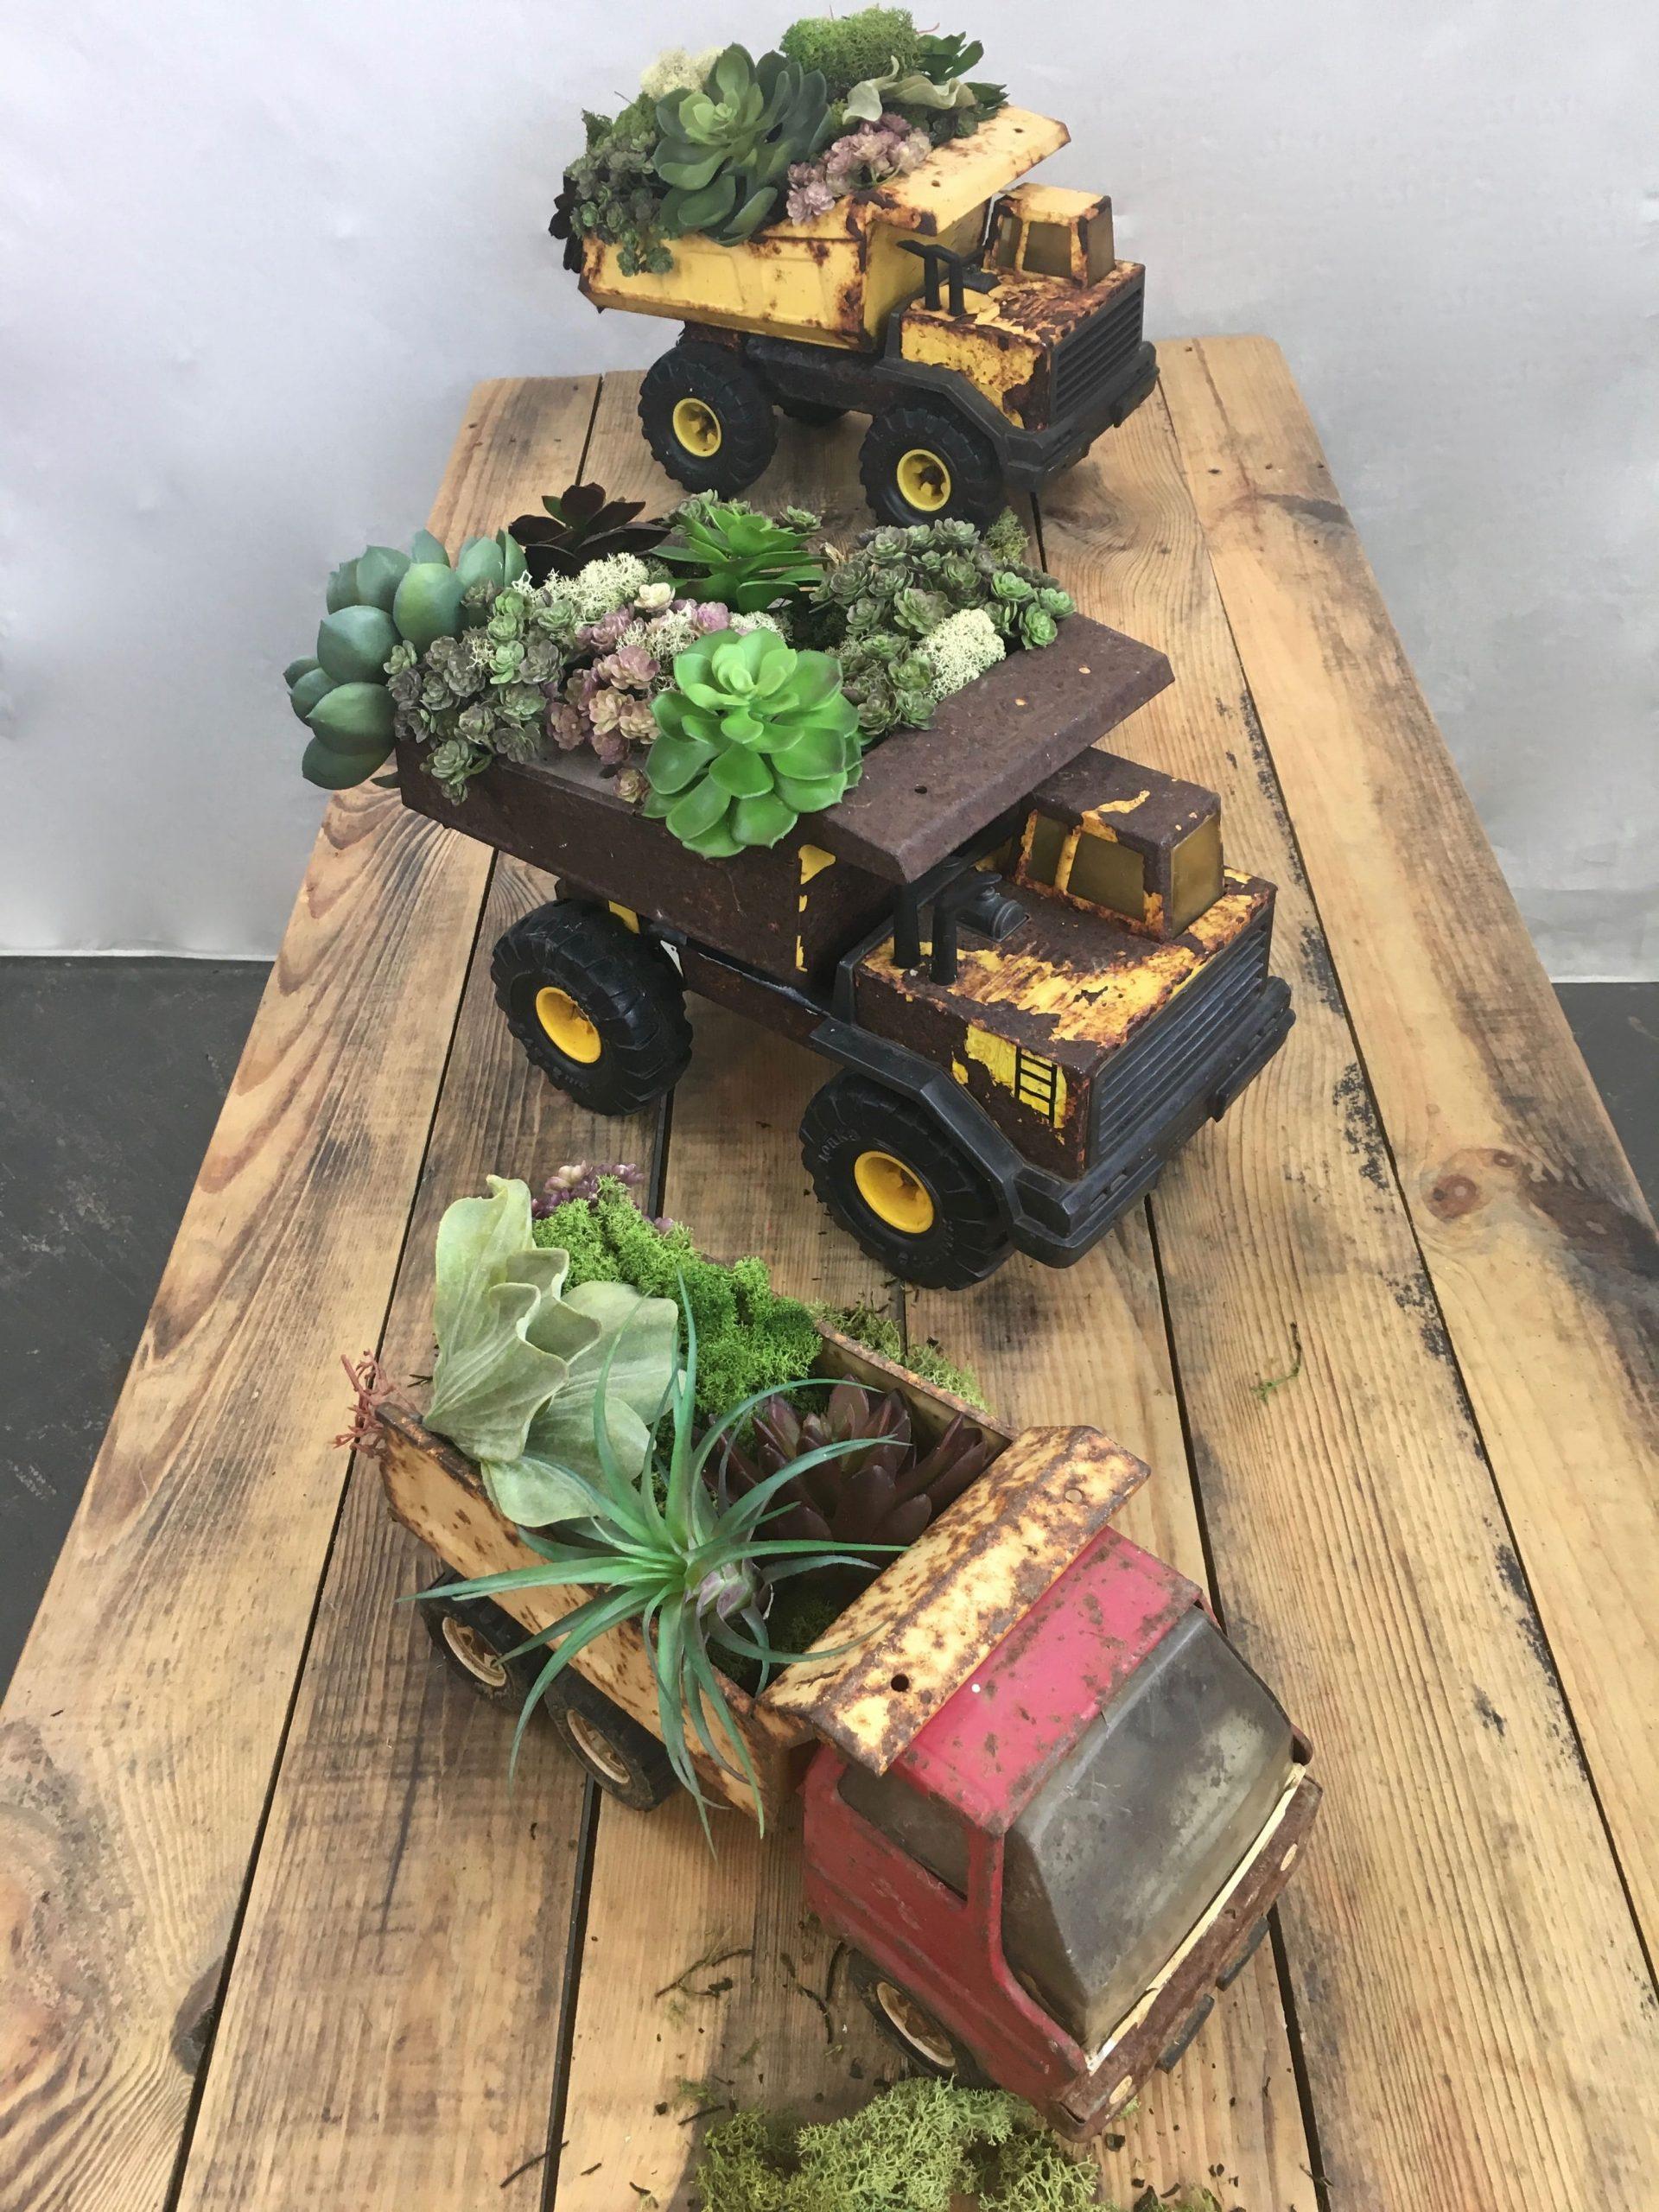 3.Simphome.com Rustic Toy Truck 2